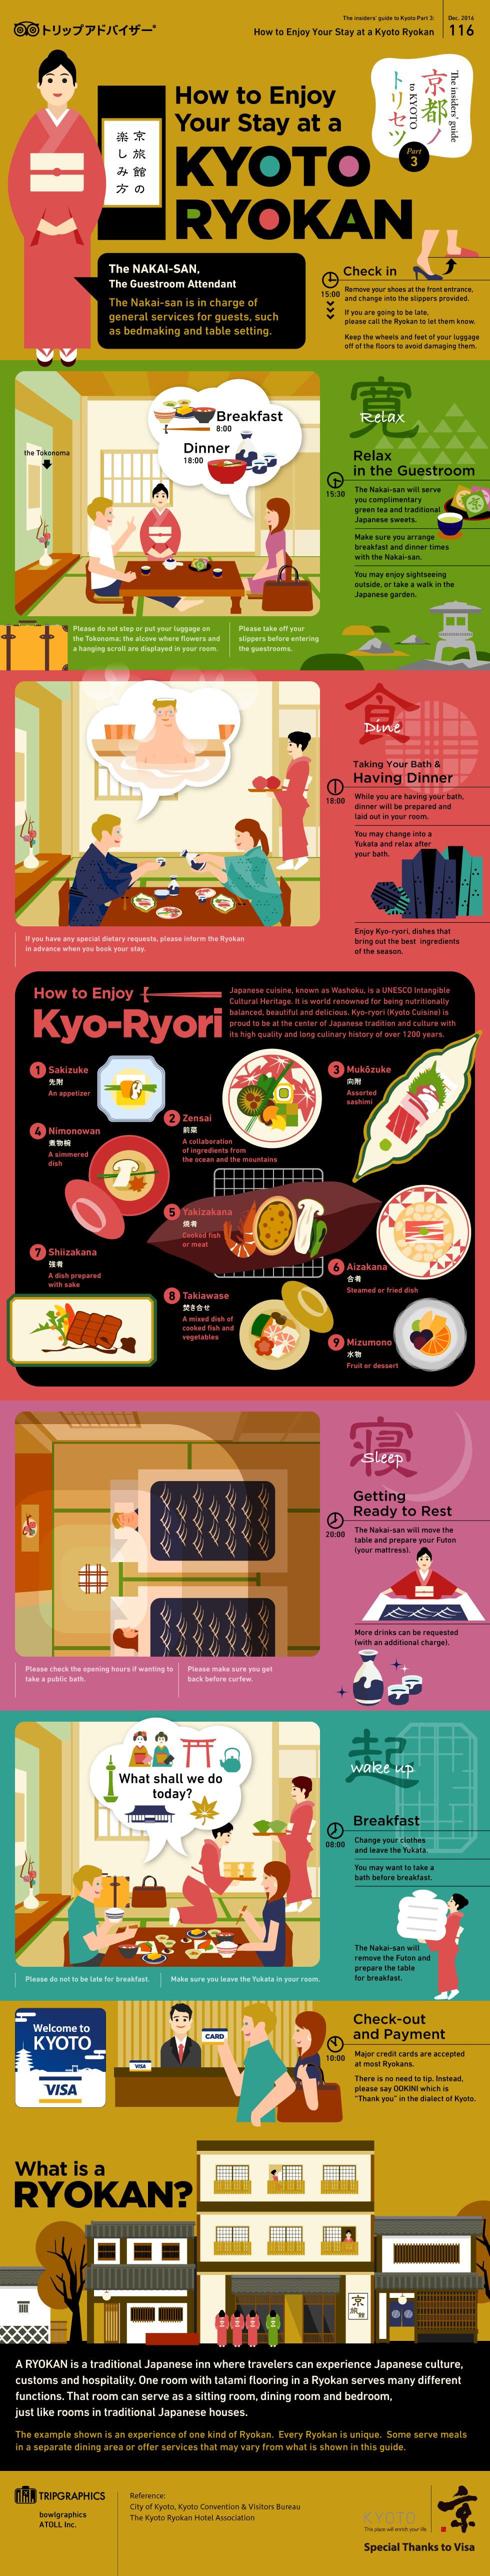 画像:京都のトリセツ Part 3 — How to Enjoy Your Stay at a KYOTO RYOKAN